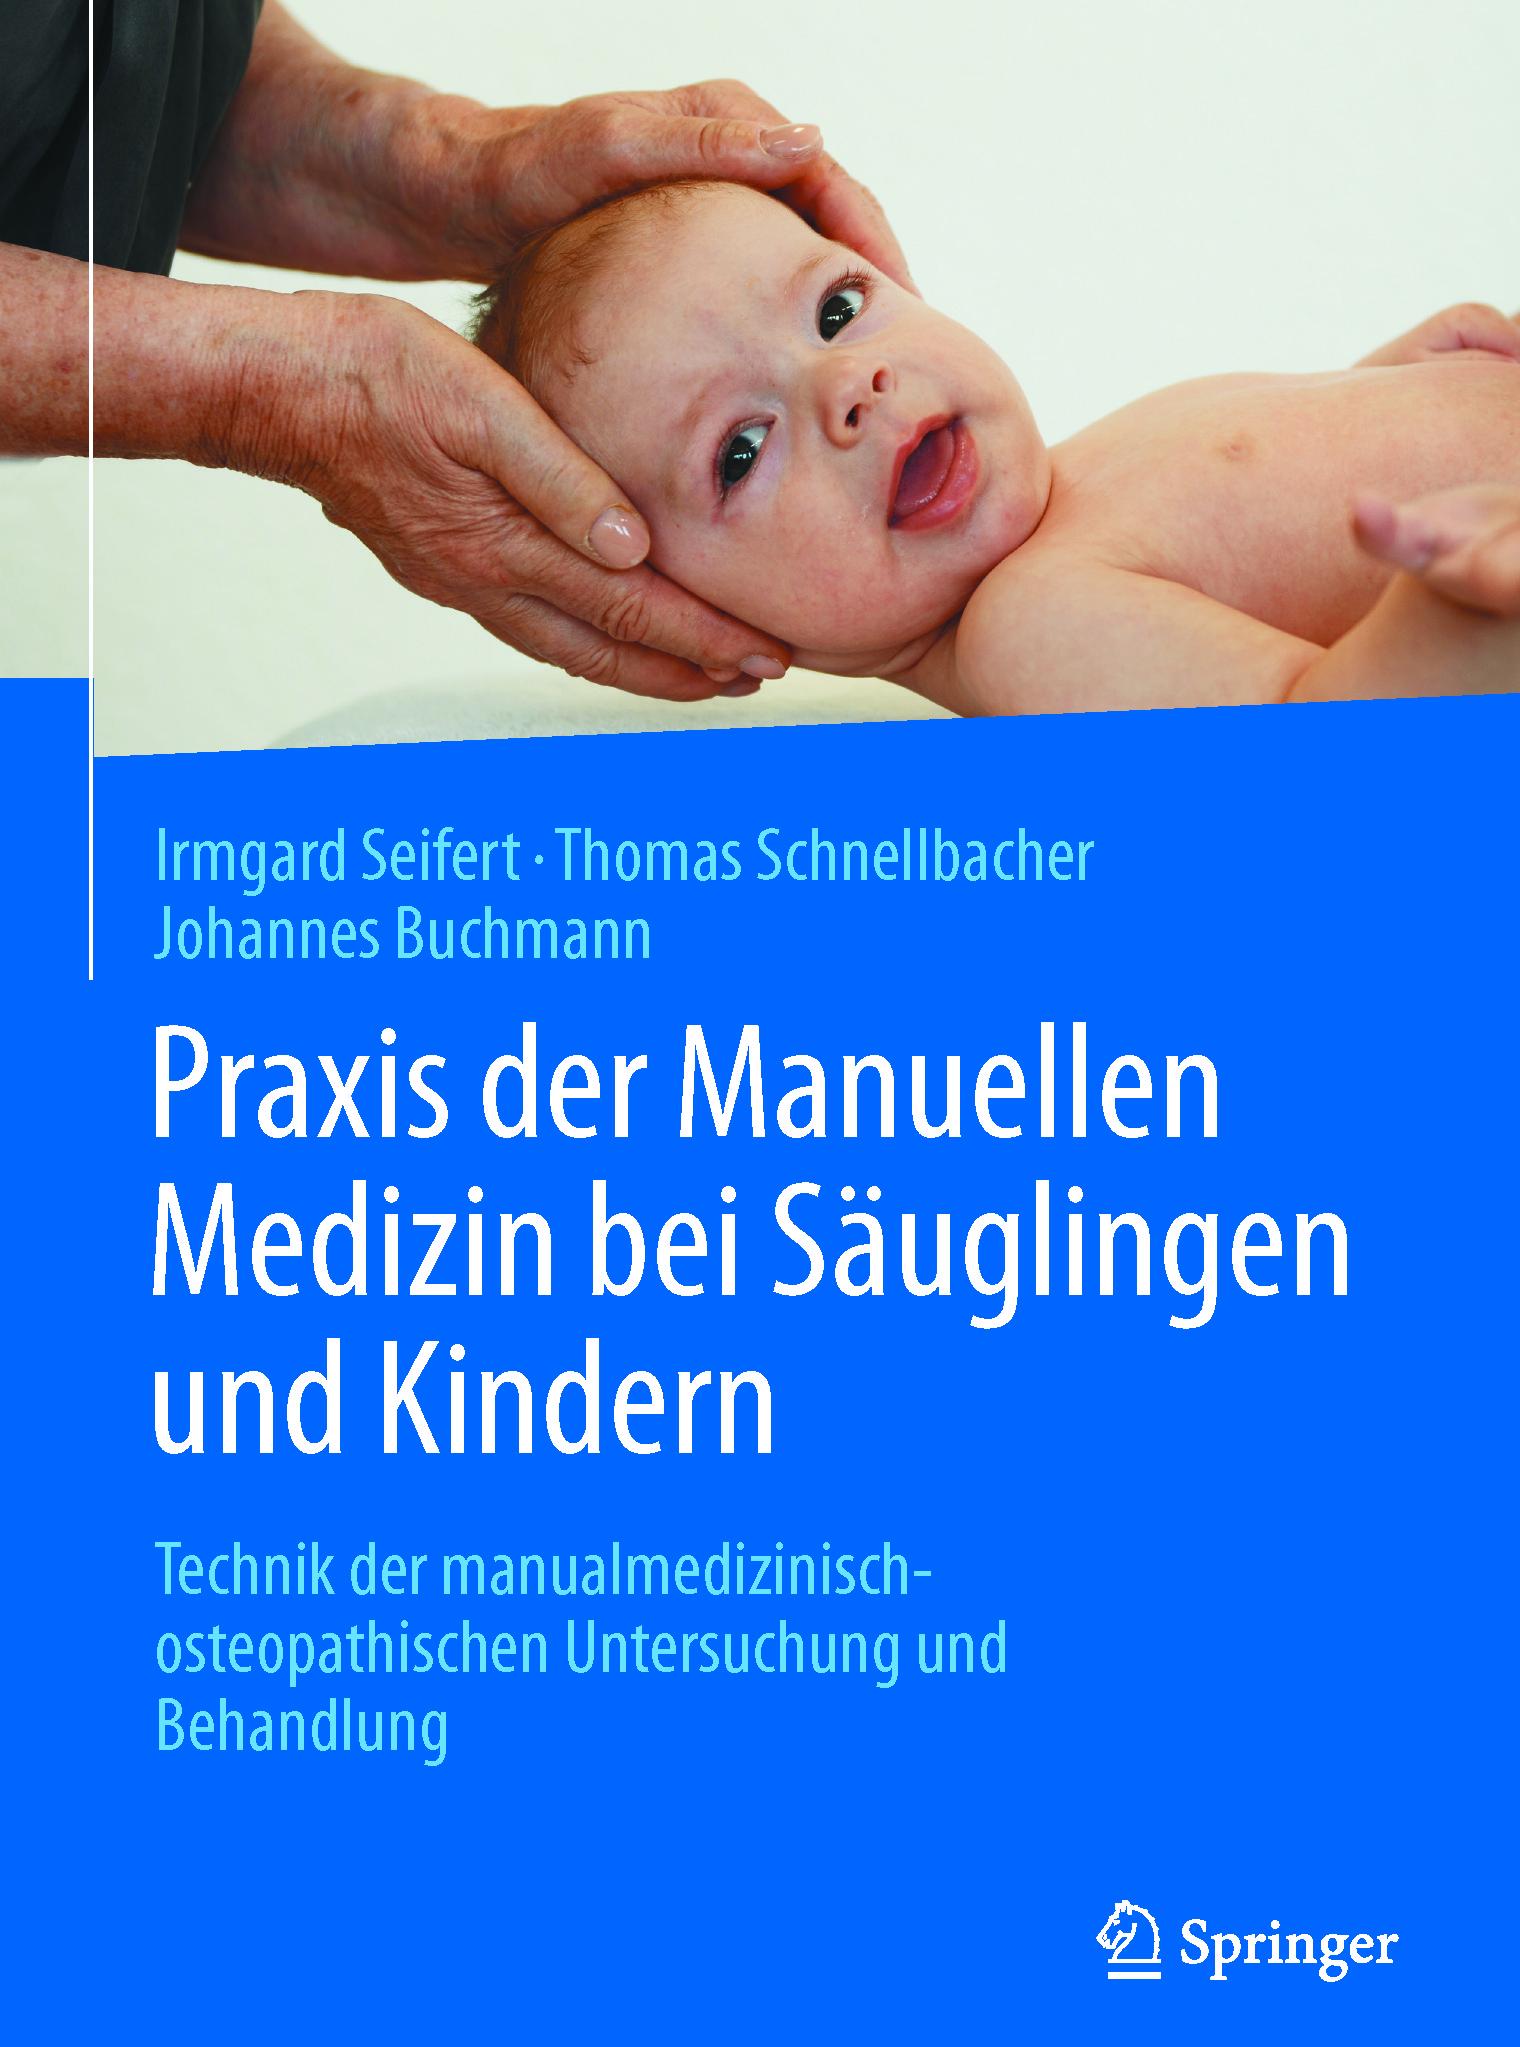 Buchmann, Johannes - Praxis der Manuellen Medizin bei Säuglingen und Kindern, ebook